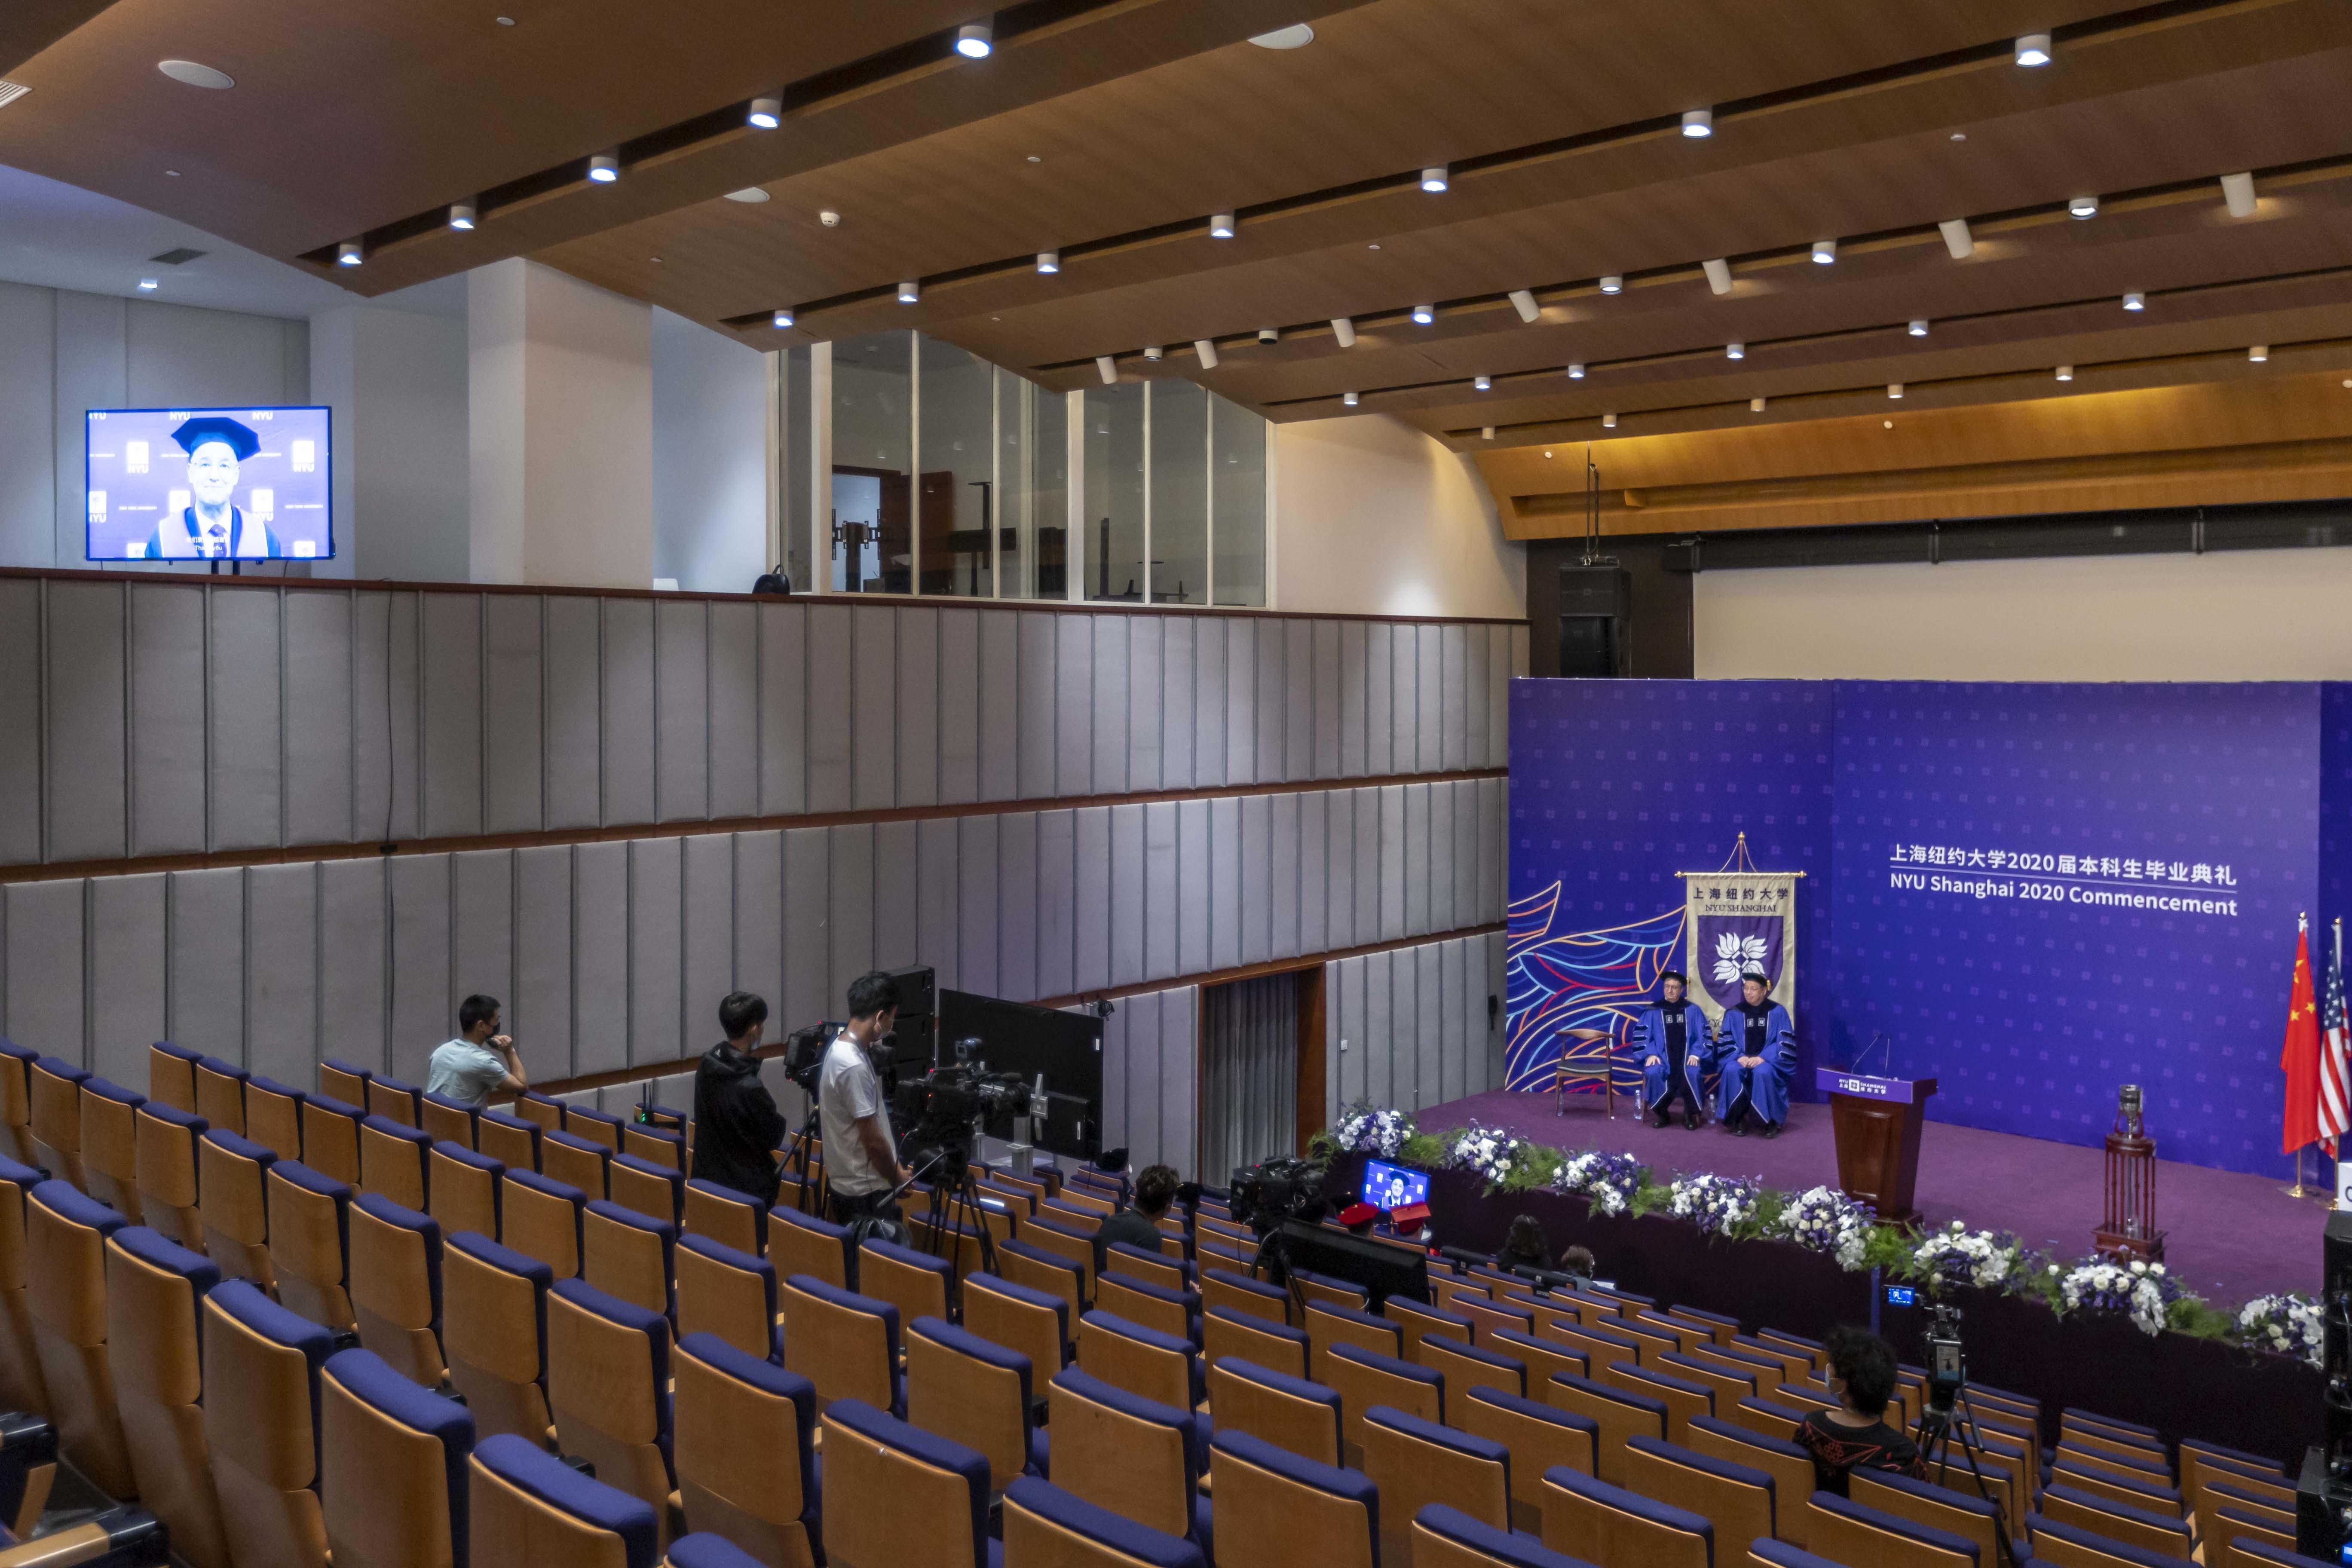 上海ニューヨーク大学、初のオンライン卒業式を開催